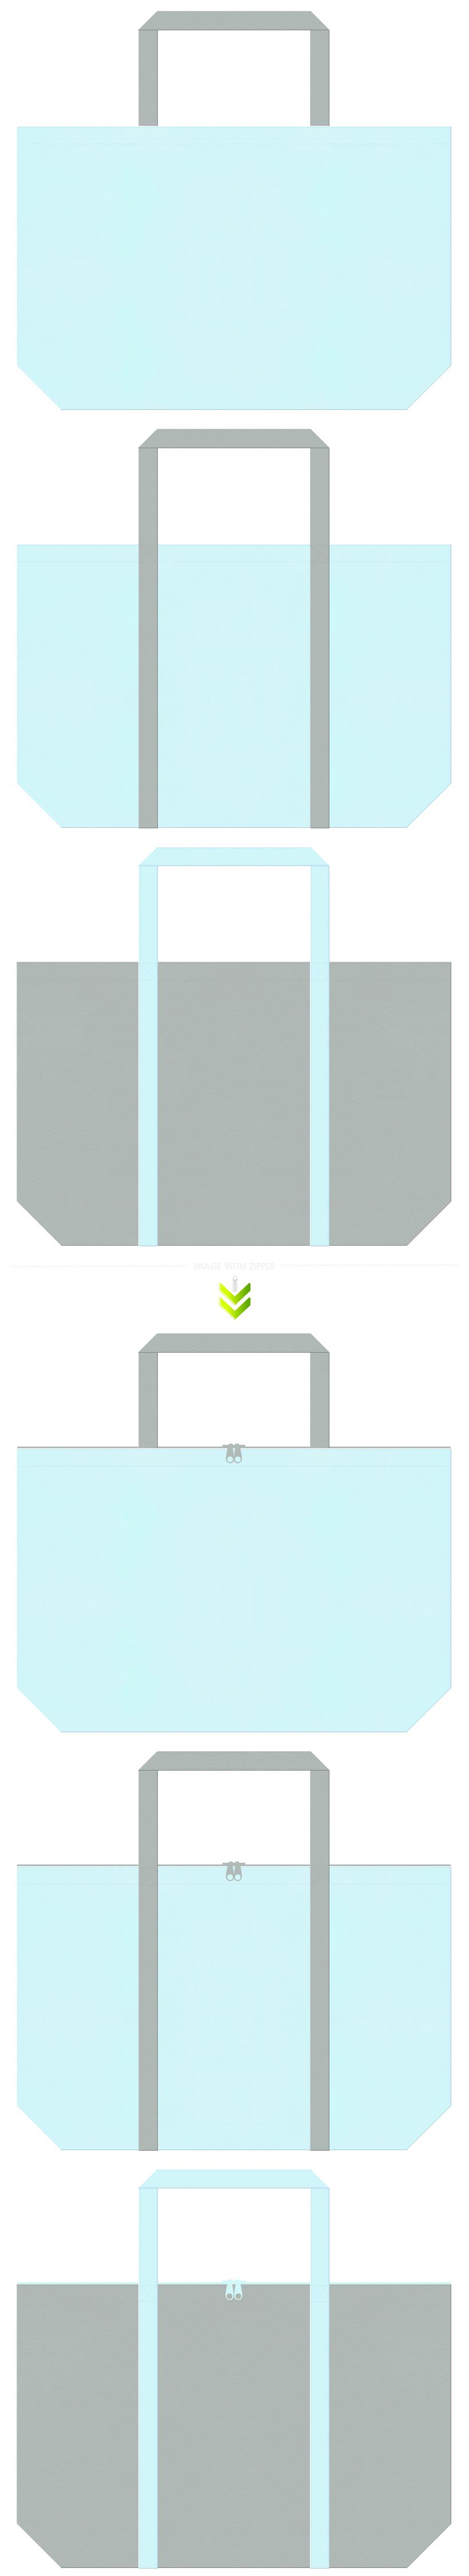 アルミサッシ・ビニールハウス・エクステリア・ガス・水道設備・給排水設備・管工機材の展示会用バッグにお奨めの不織布バッグデザイン:水色とグレー色のコーデ